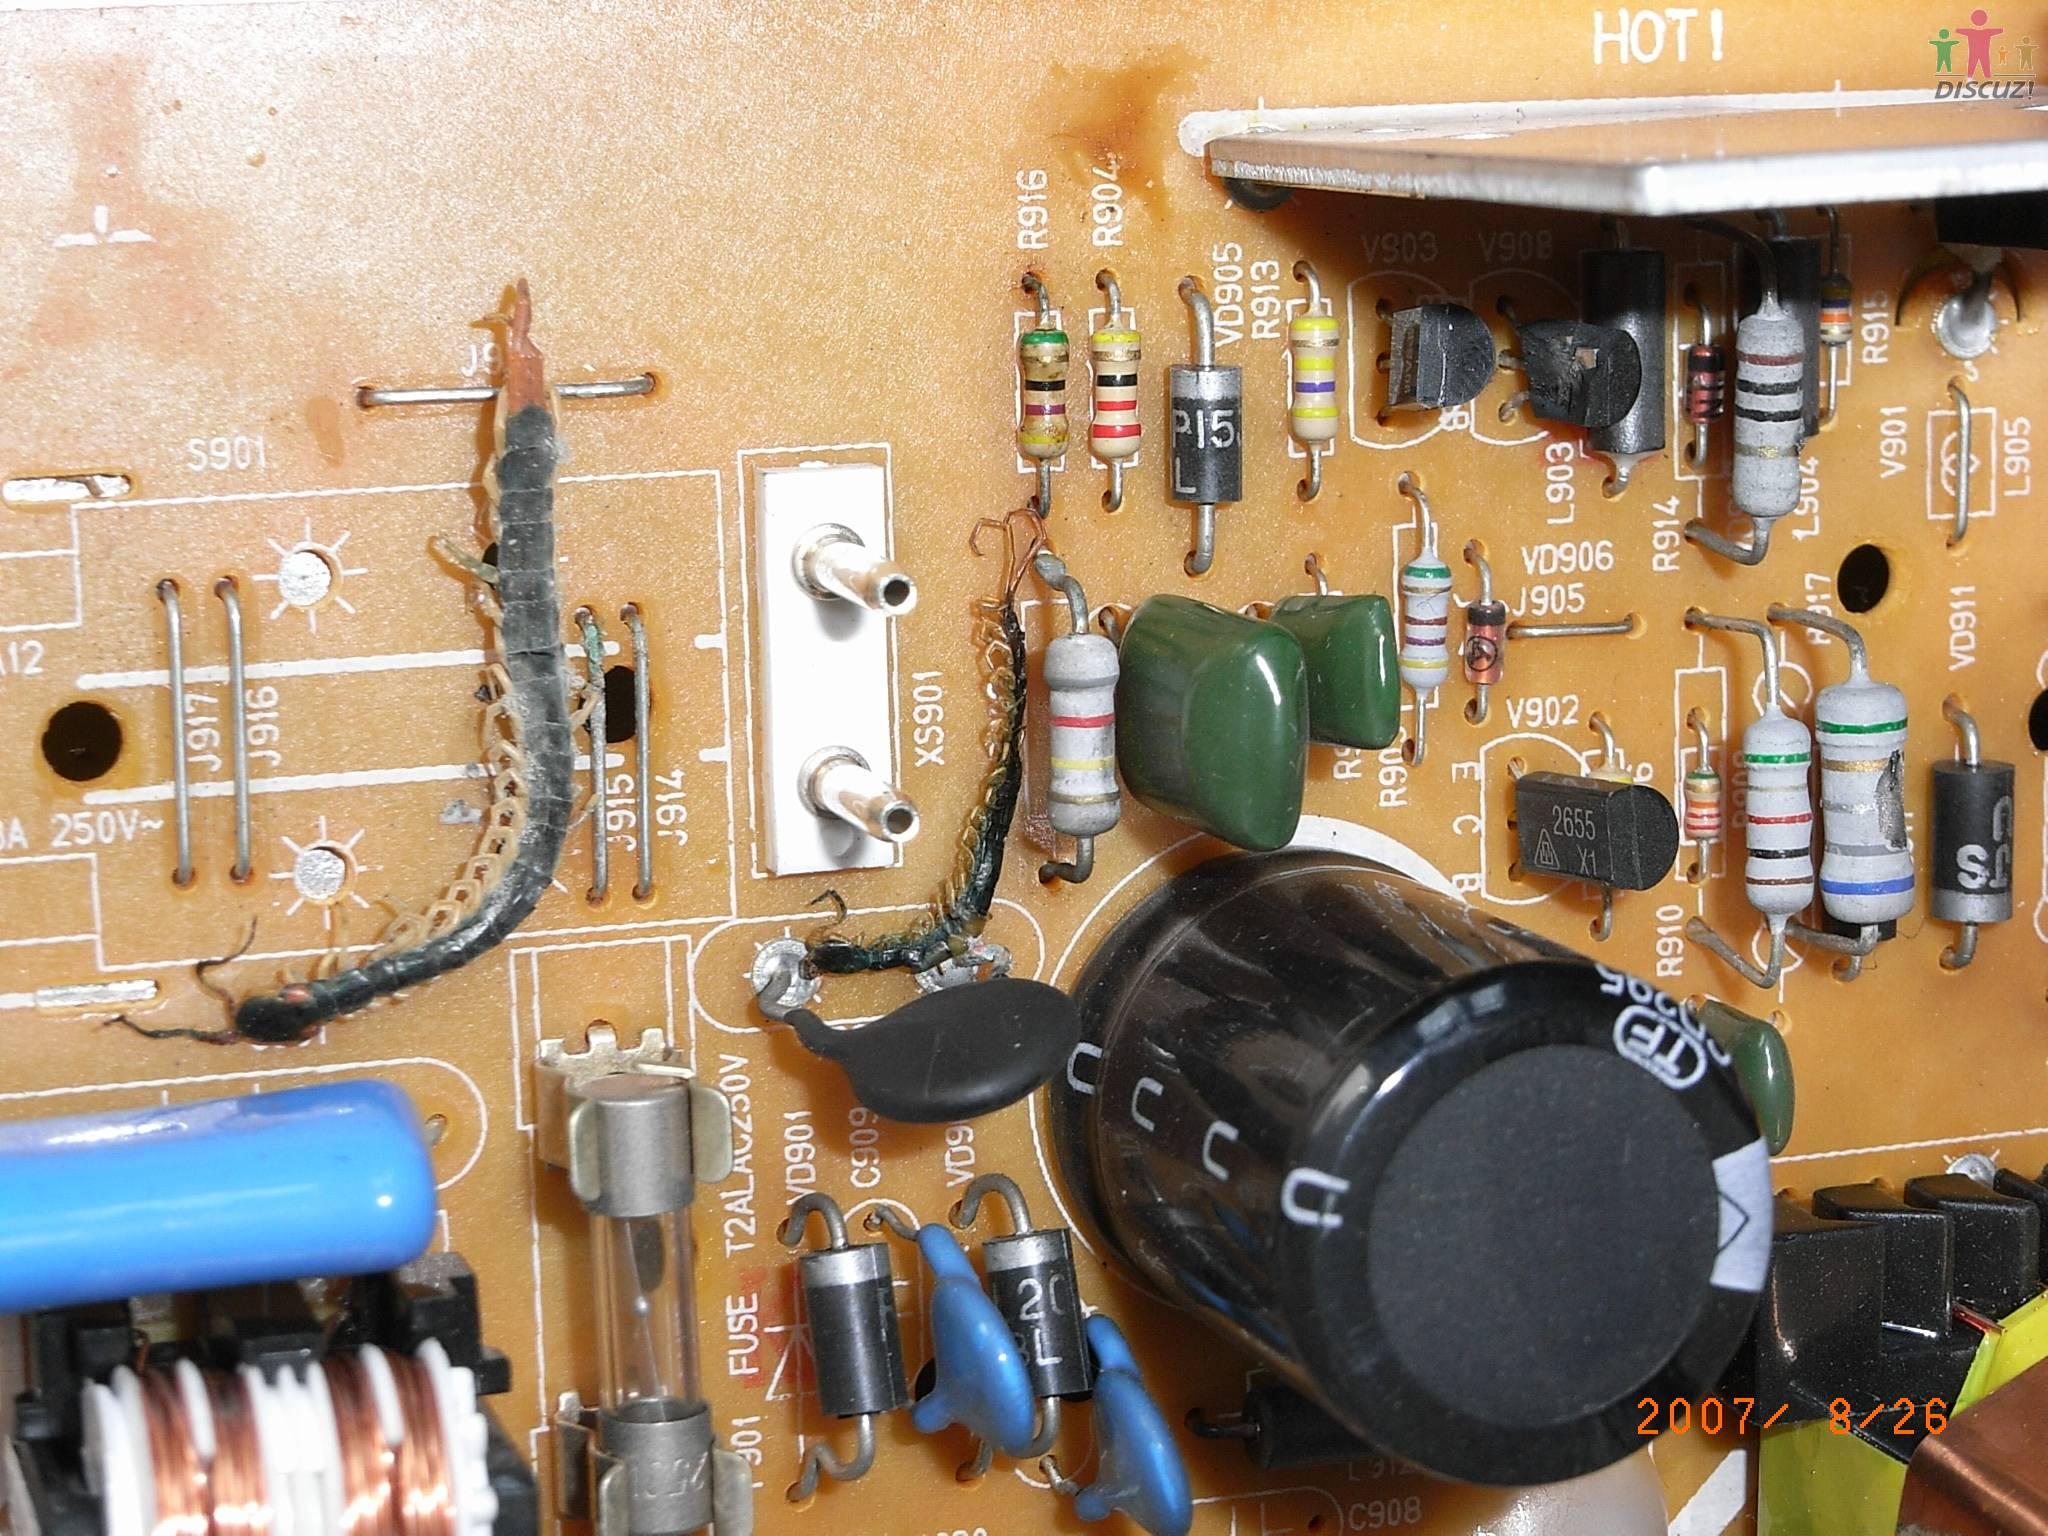 康佳t21sa073因蜈蚣引起短路烧电源